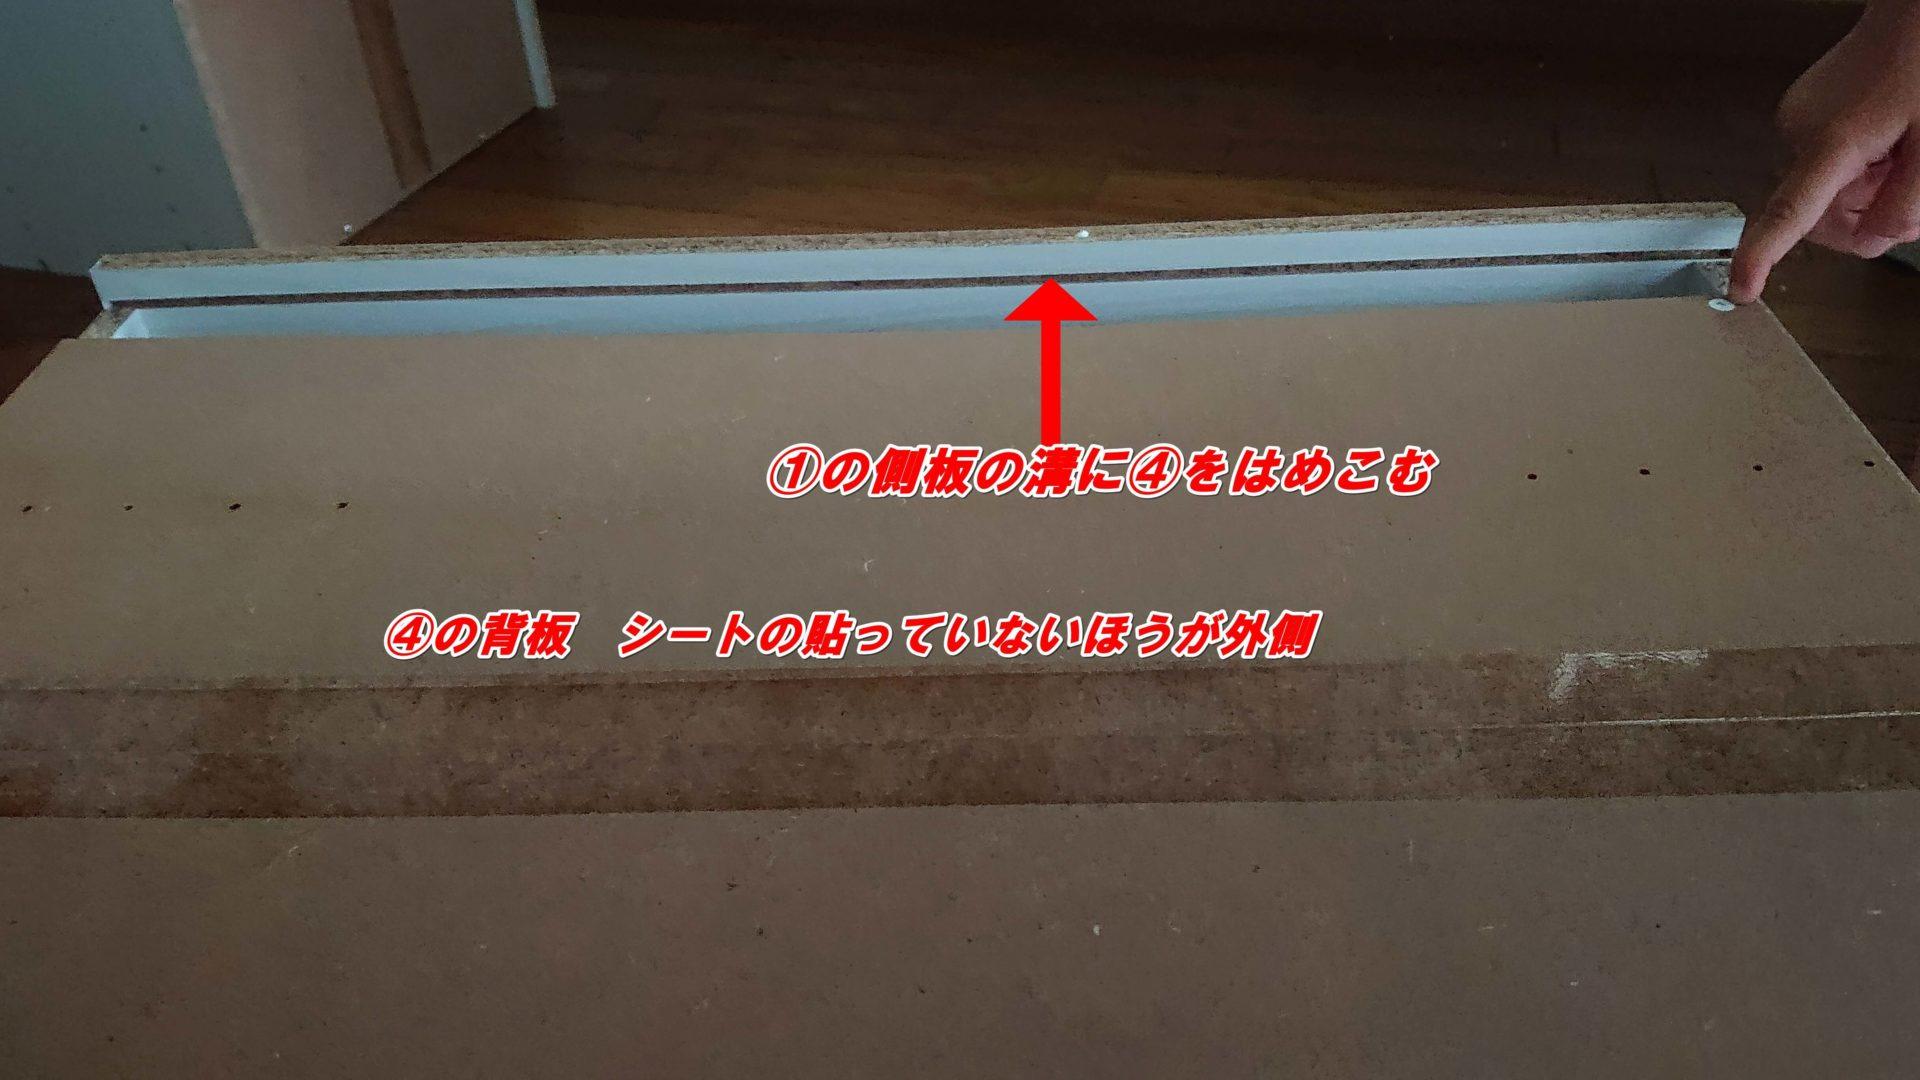 ニトリのカラーボックスの組み立て方 写真10枚でやさしく解説